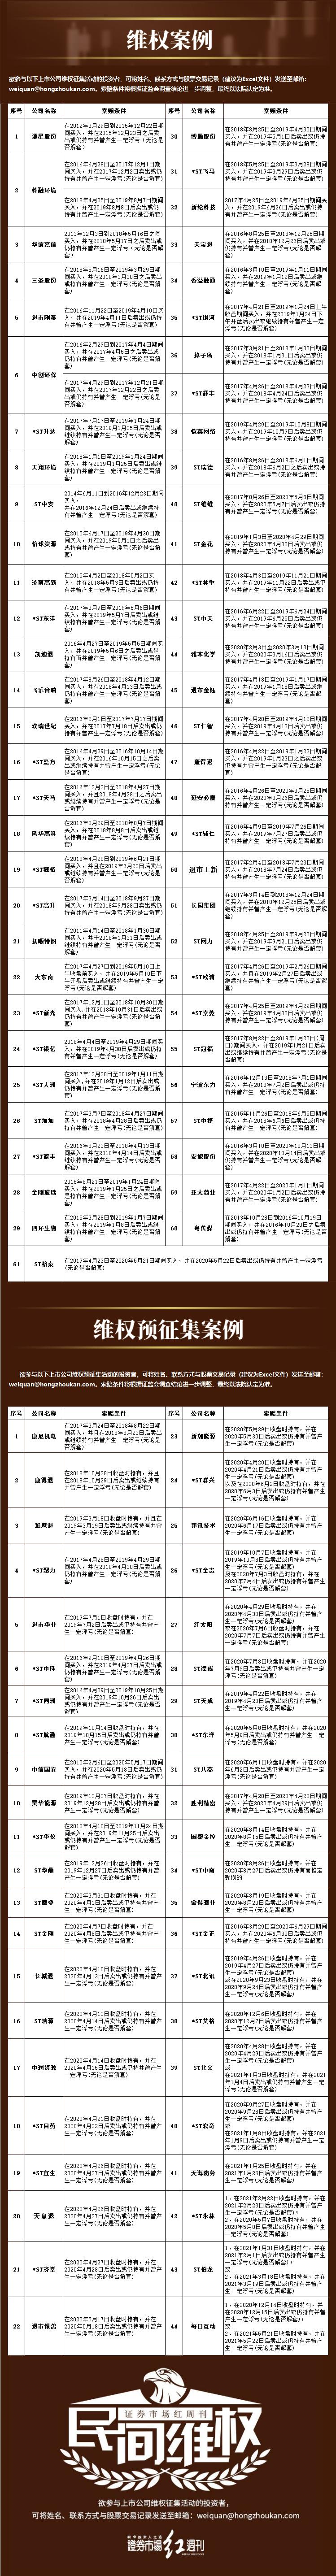 民间维权 | 风华高科虚假陈述案:6月25日开庭 此前已有判决先例